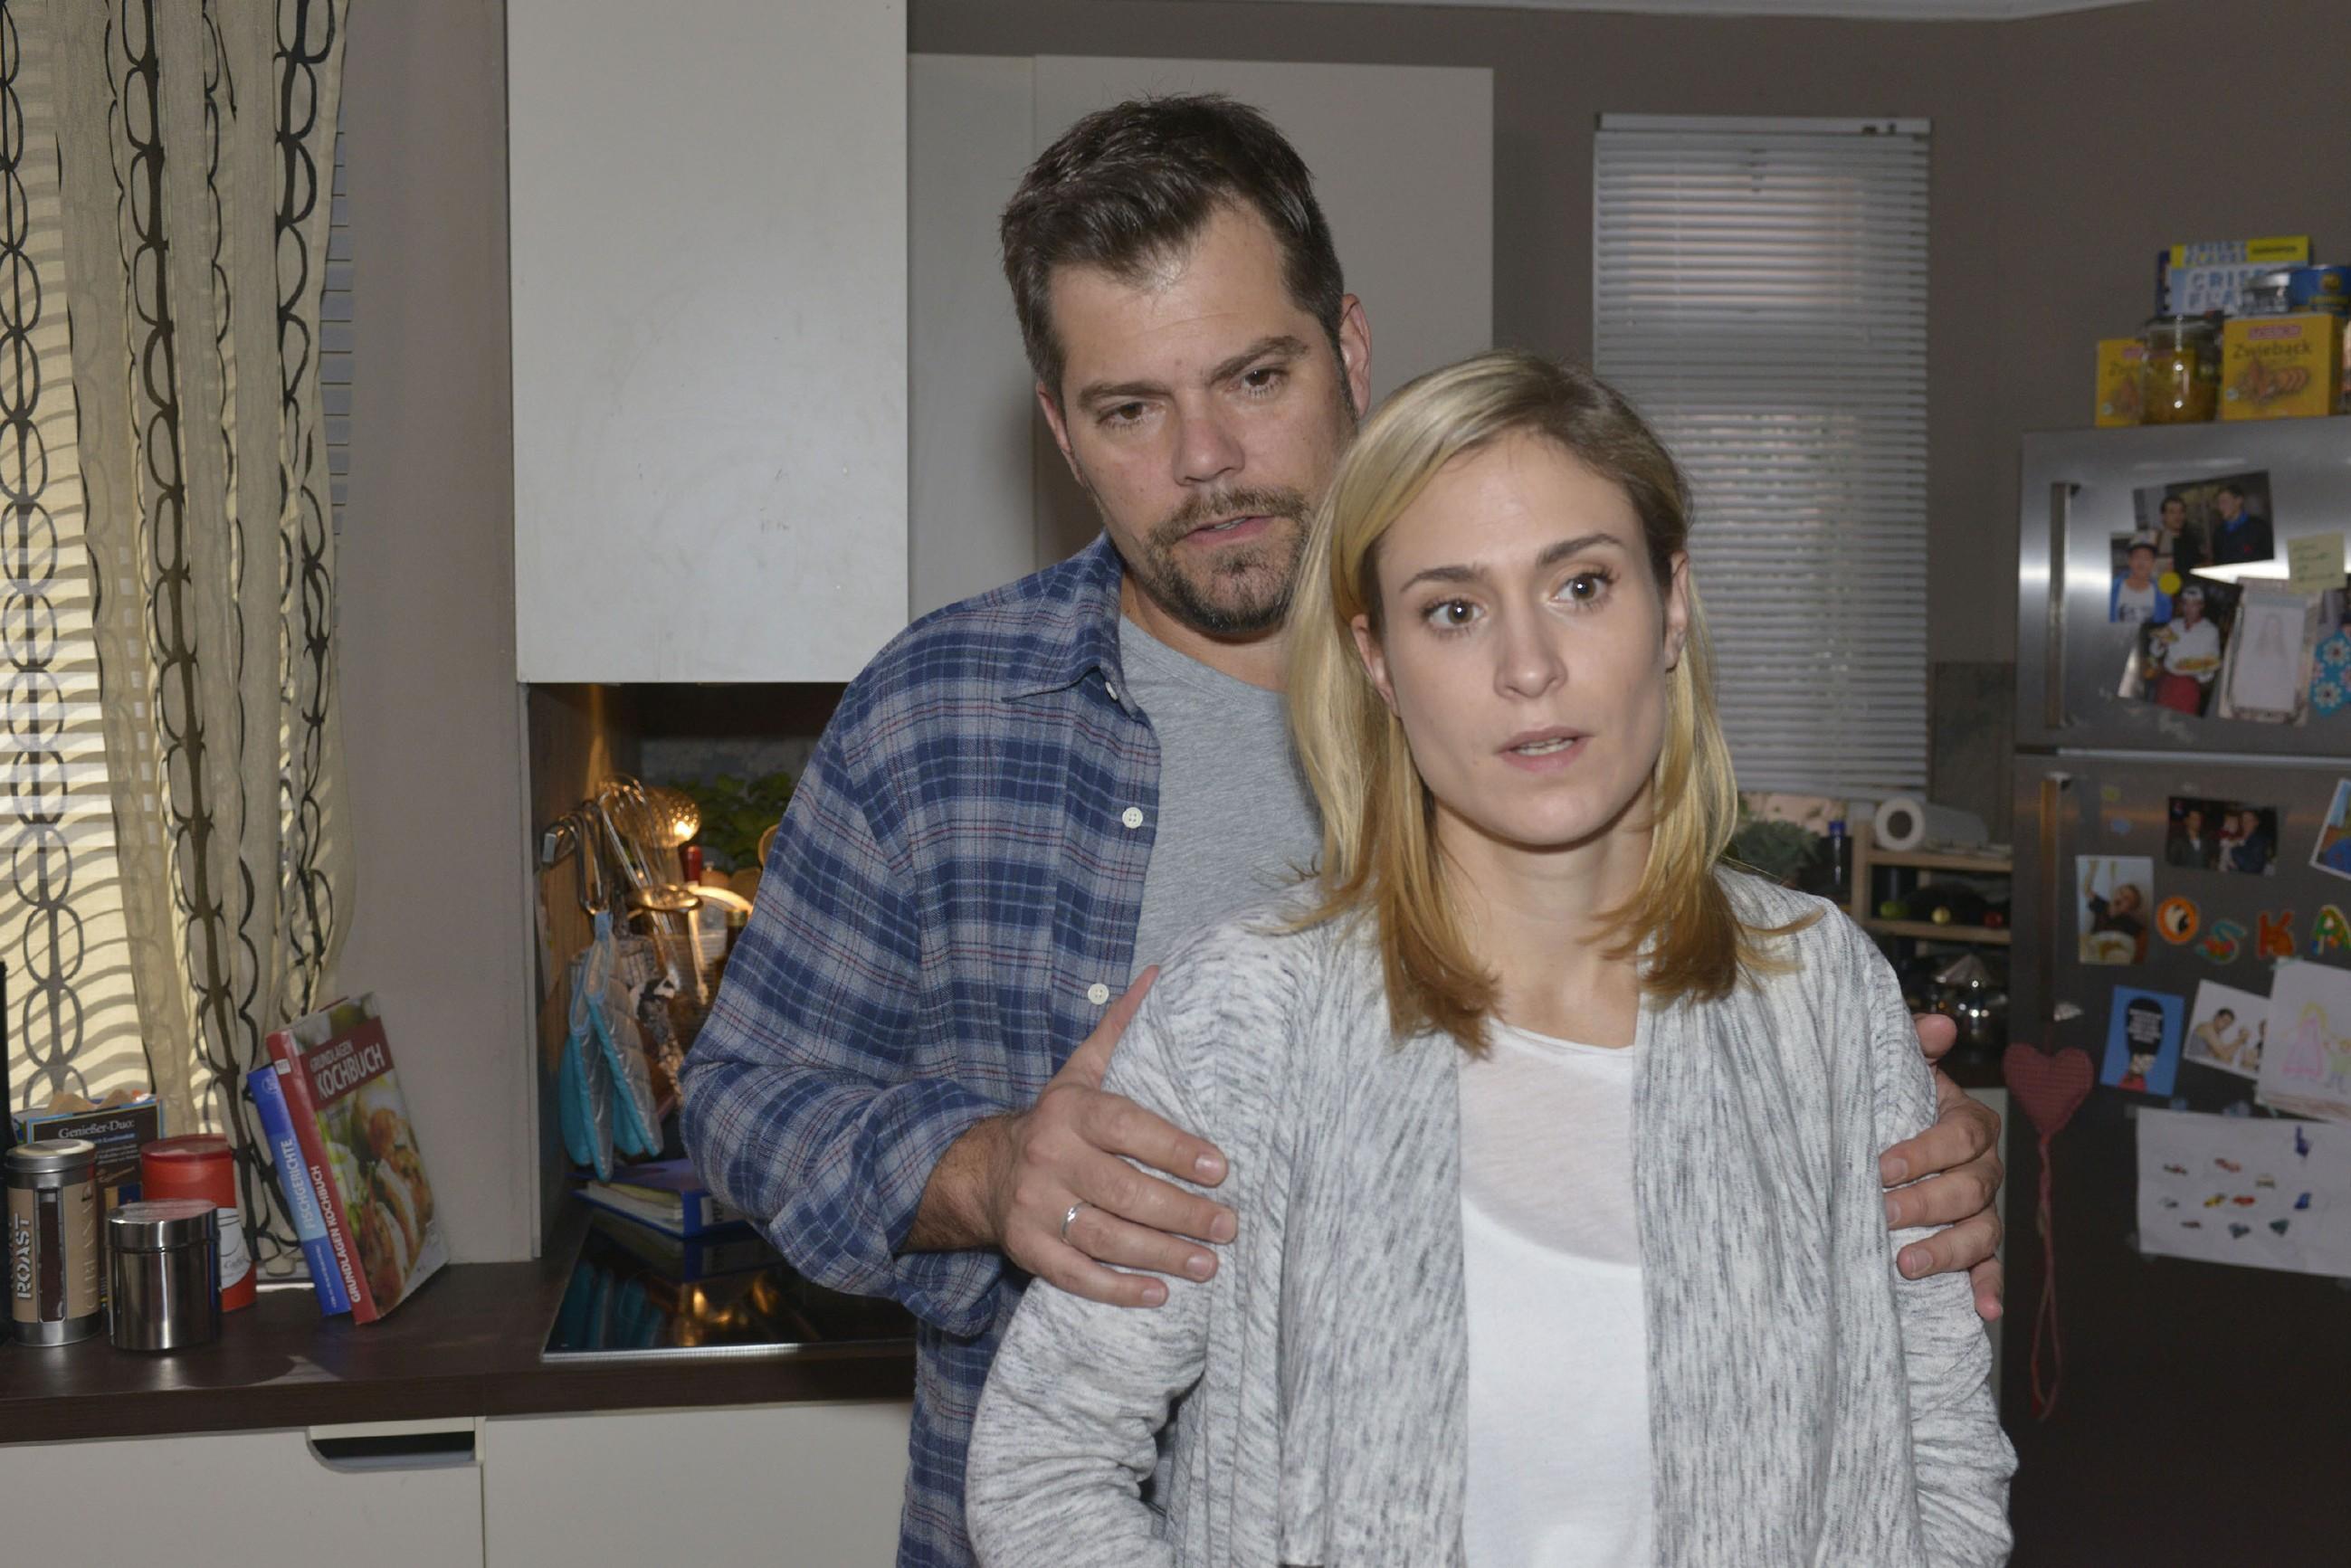 Leon (Daniel Fehlow) und Sophie (Lea Marlen Woitack) versuchen sich nicht verrückt zu machen, bis die endgültigen Ergebnisse der Fruchtwasseruntersuchung vorliegen.